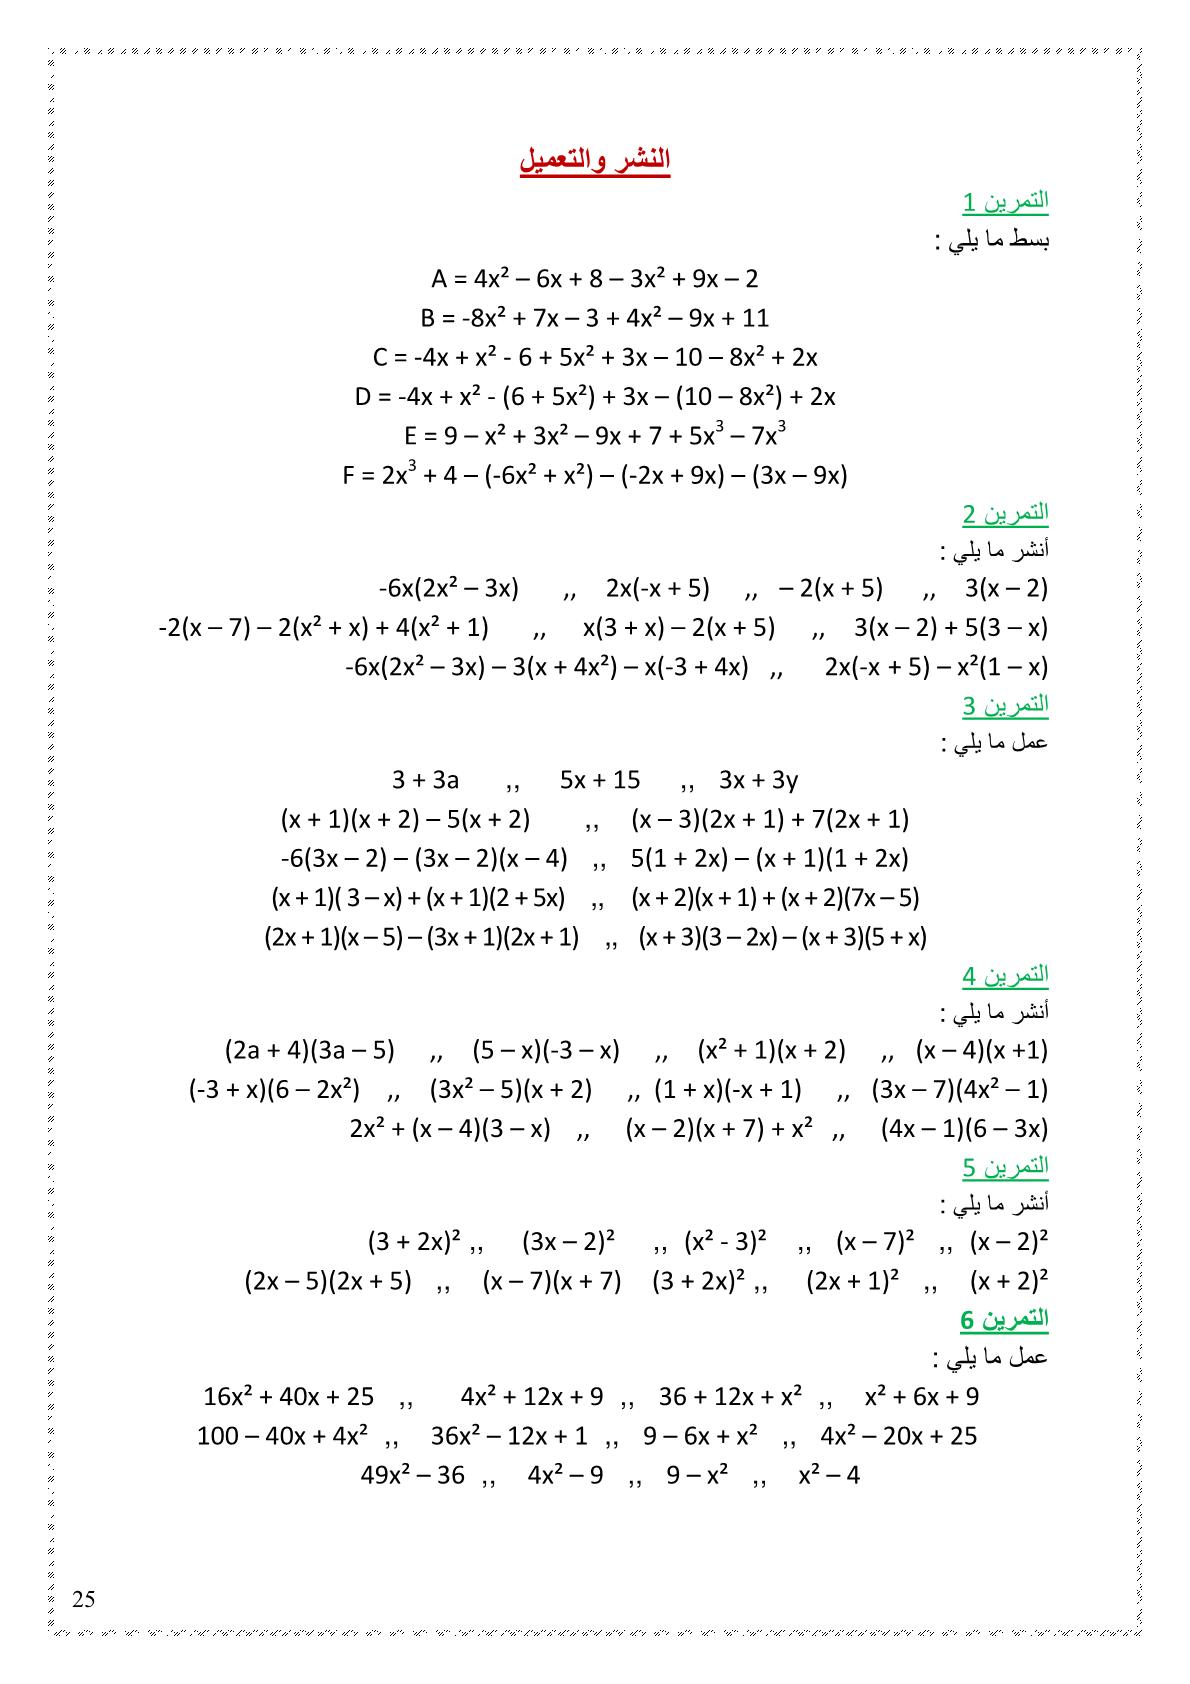 تمارين النشر والعميل مادة الرياضيات للسنة الاولى اعدادي